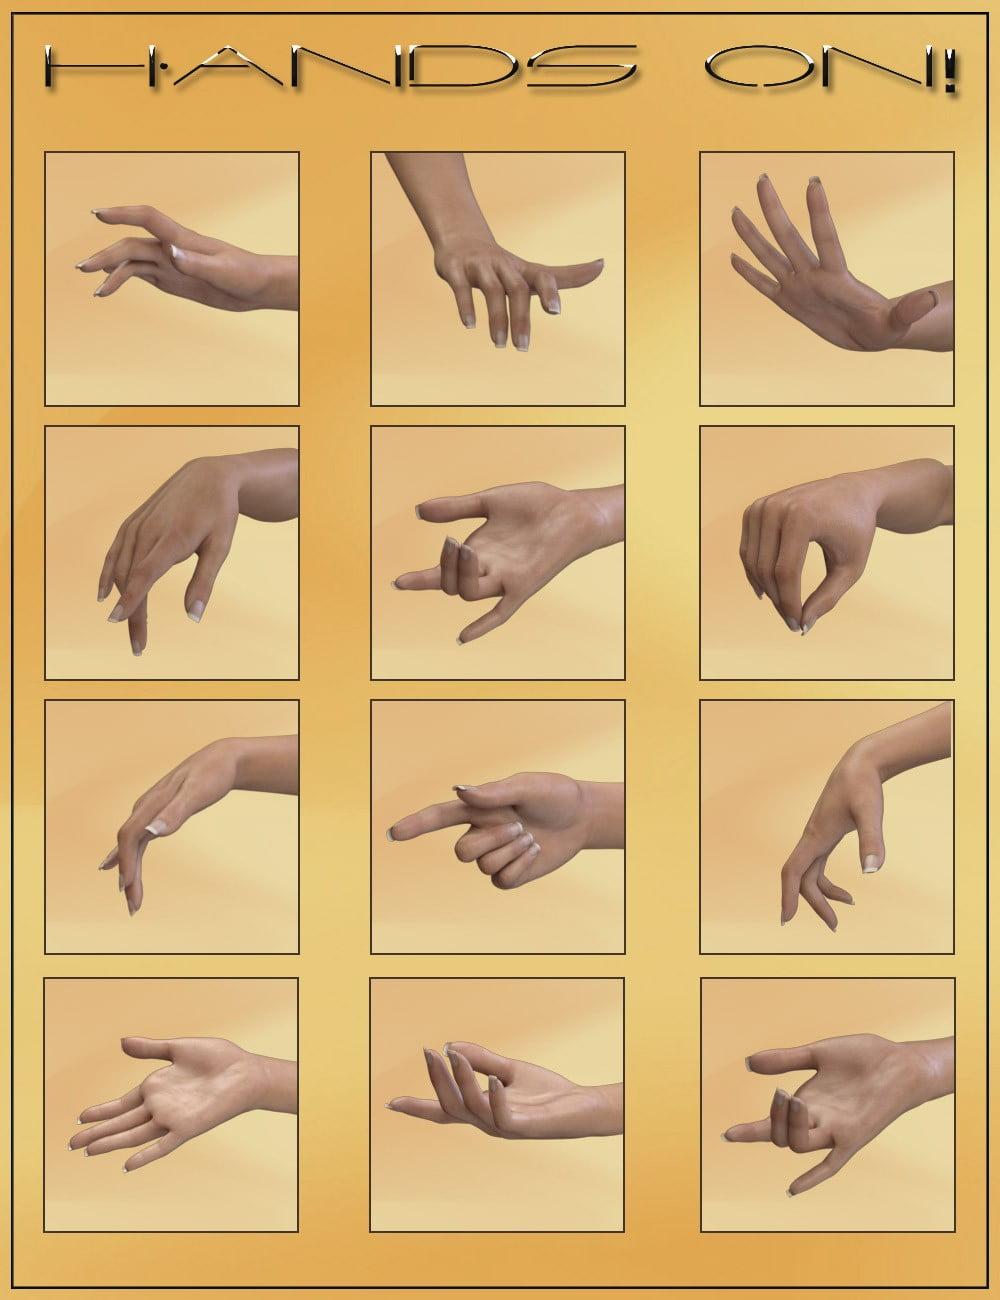 04-hands-on-daz3d